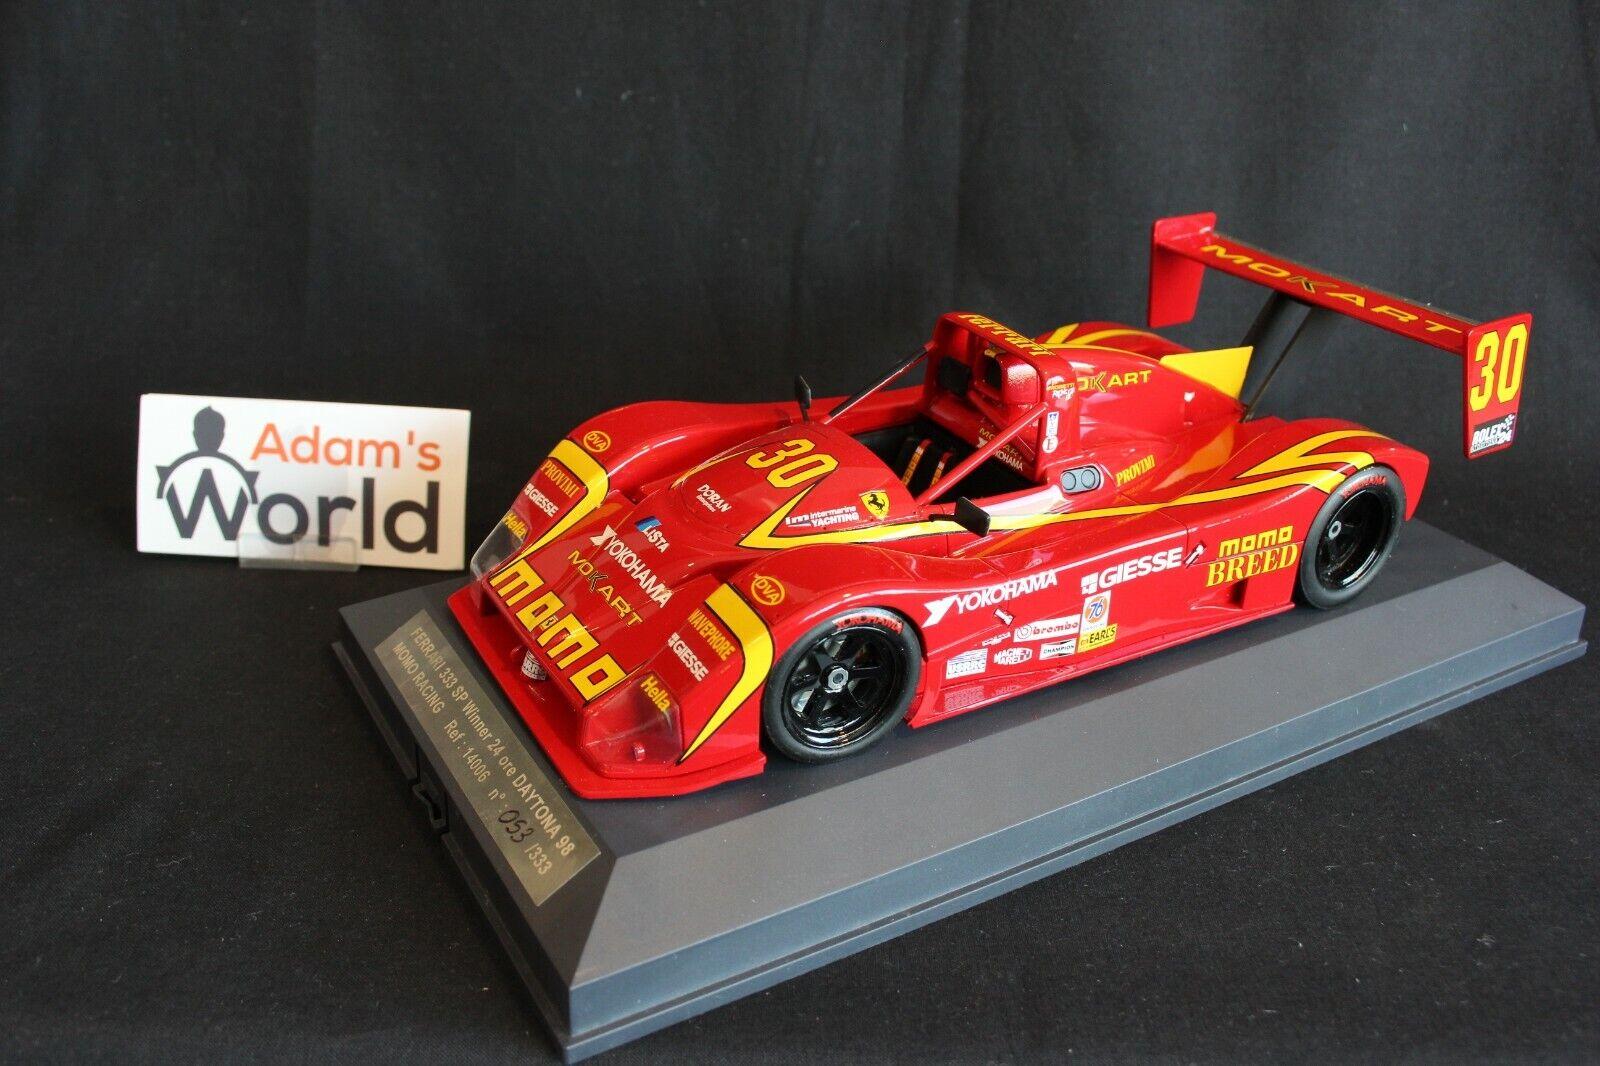 prima i clienti Momo Racing Ferrari 333 333 333 SP 1998 1 18  30 winners 24h Daytona (PJBB)  negozio fa acquisti e vendite